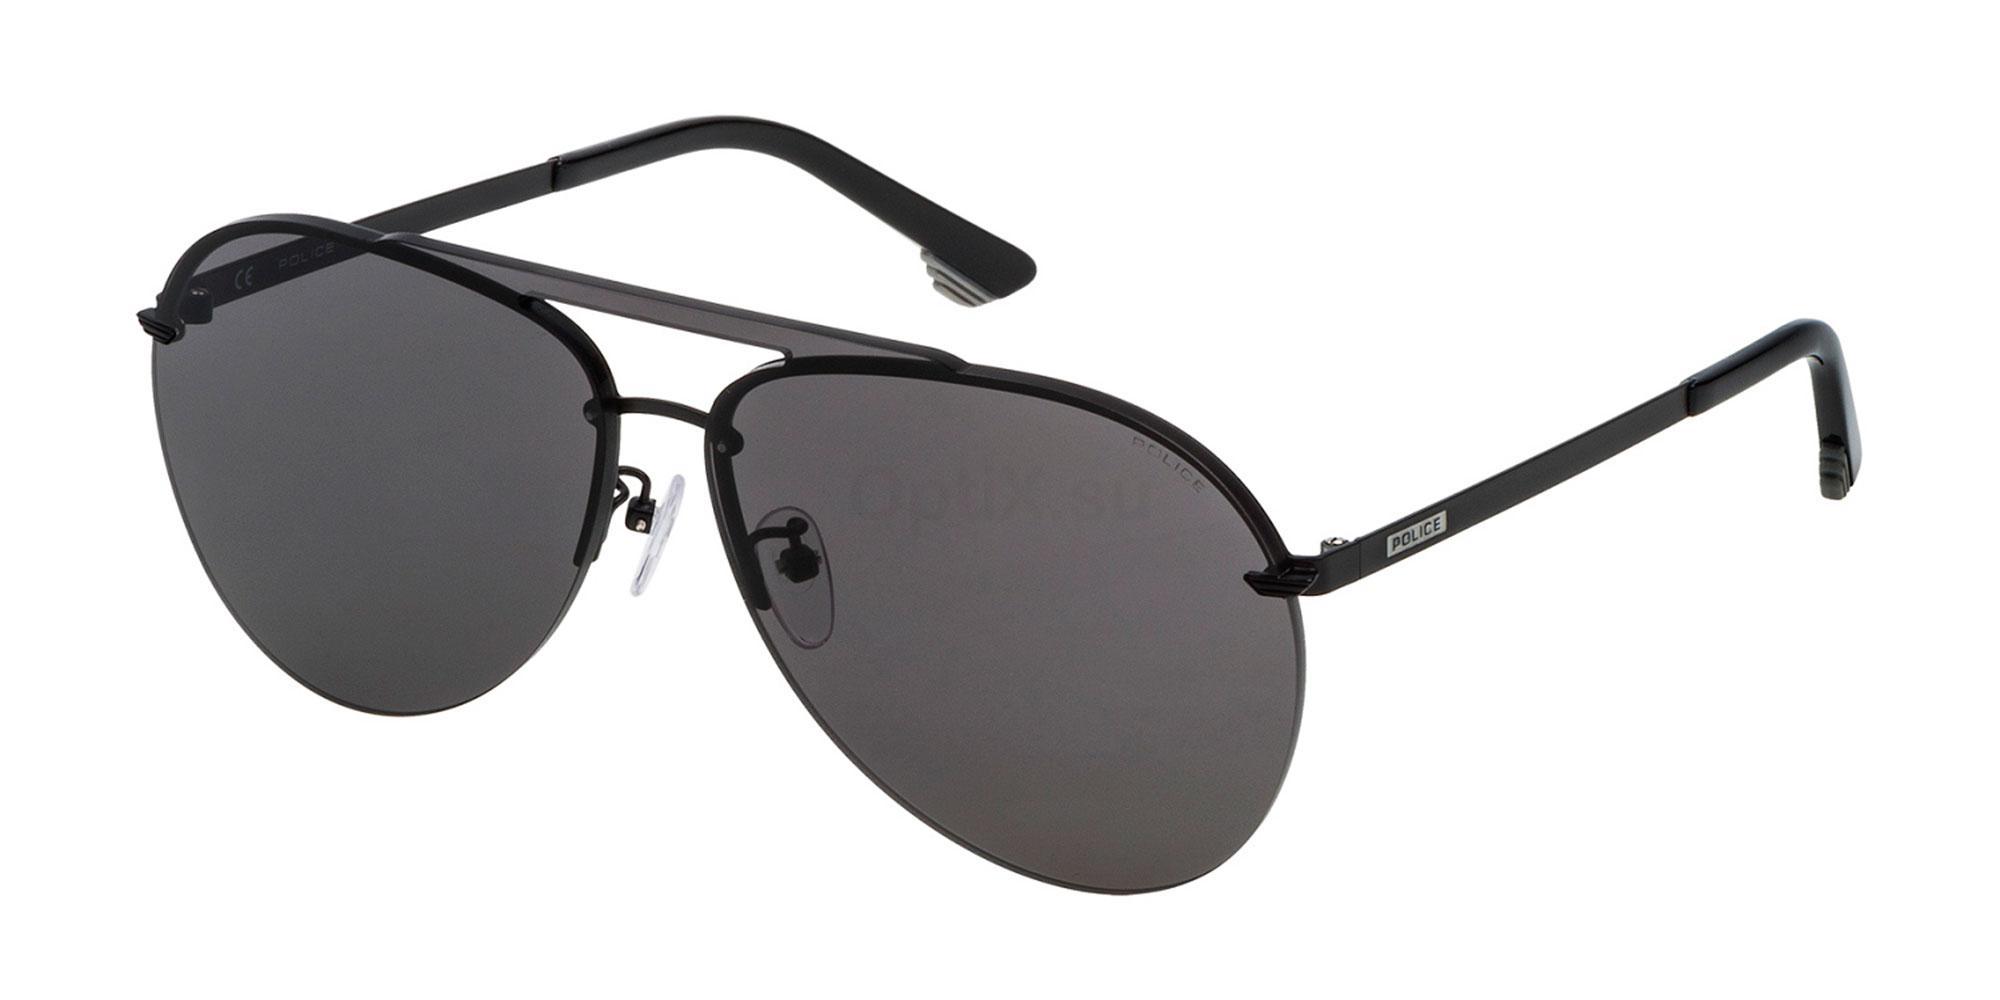 0531 SPL495 Sunglasses, Police